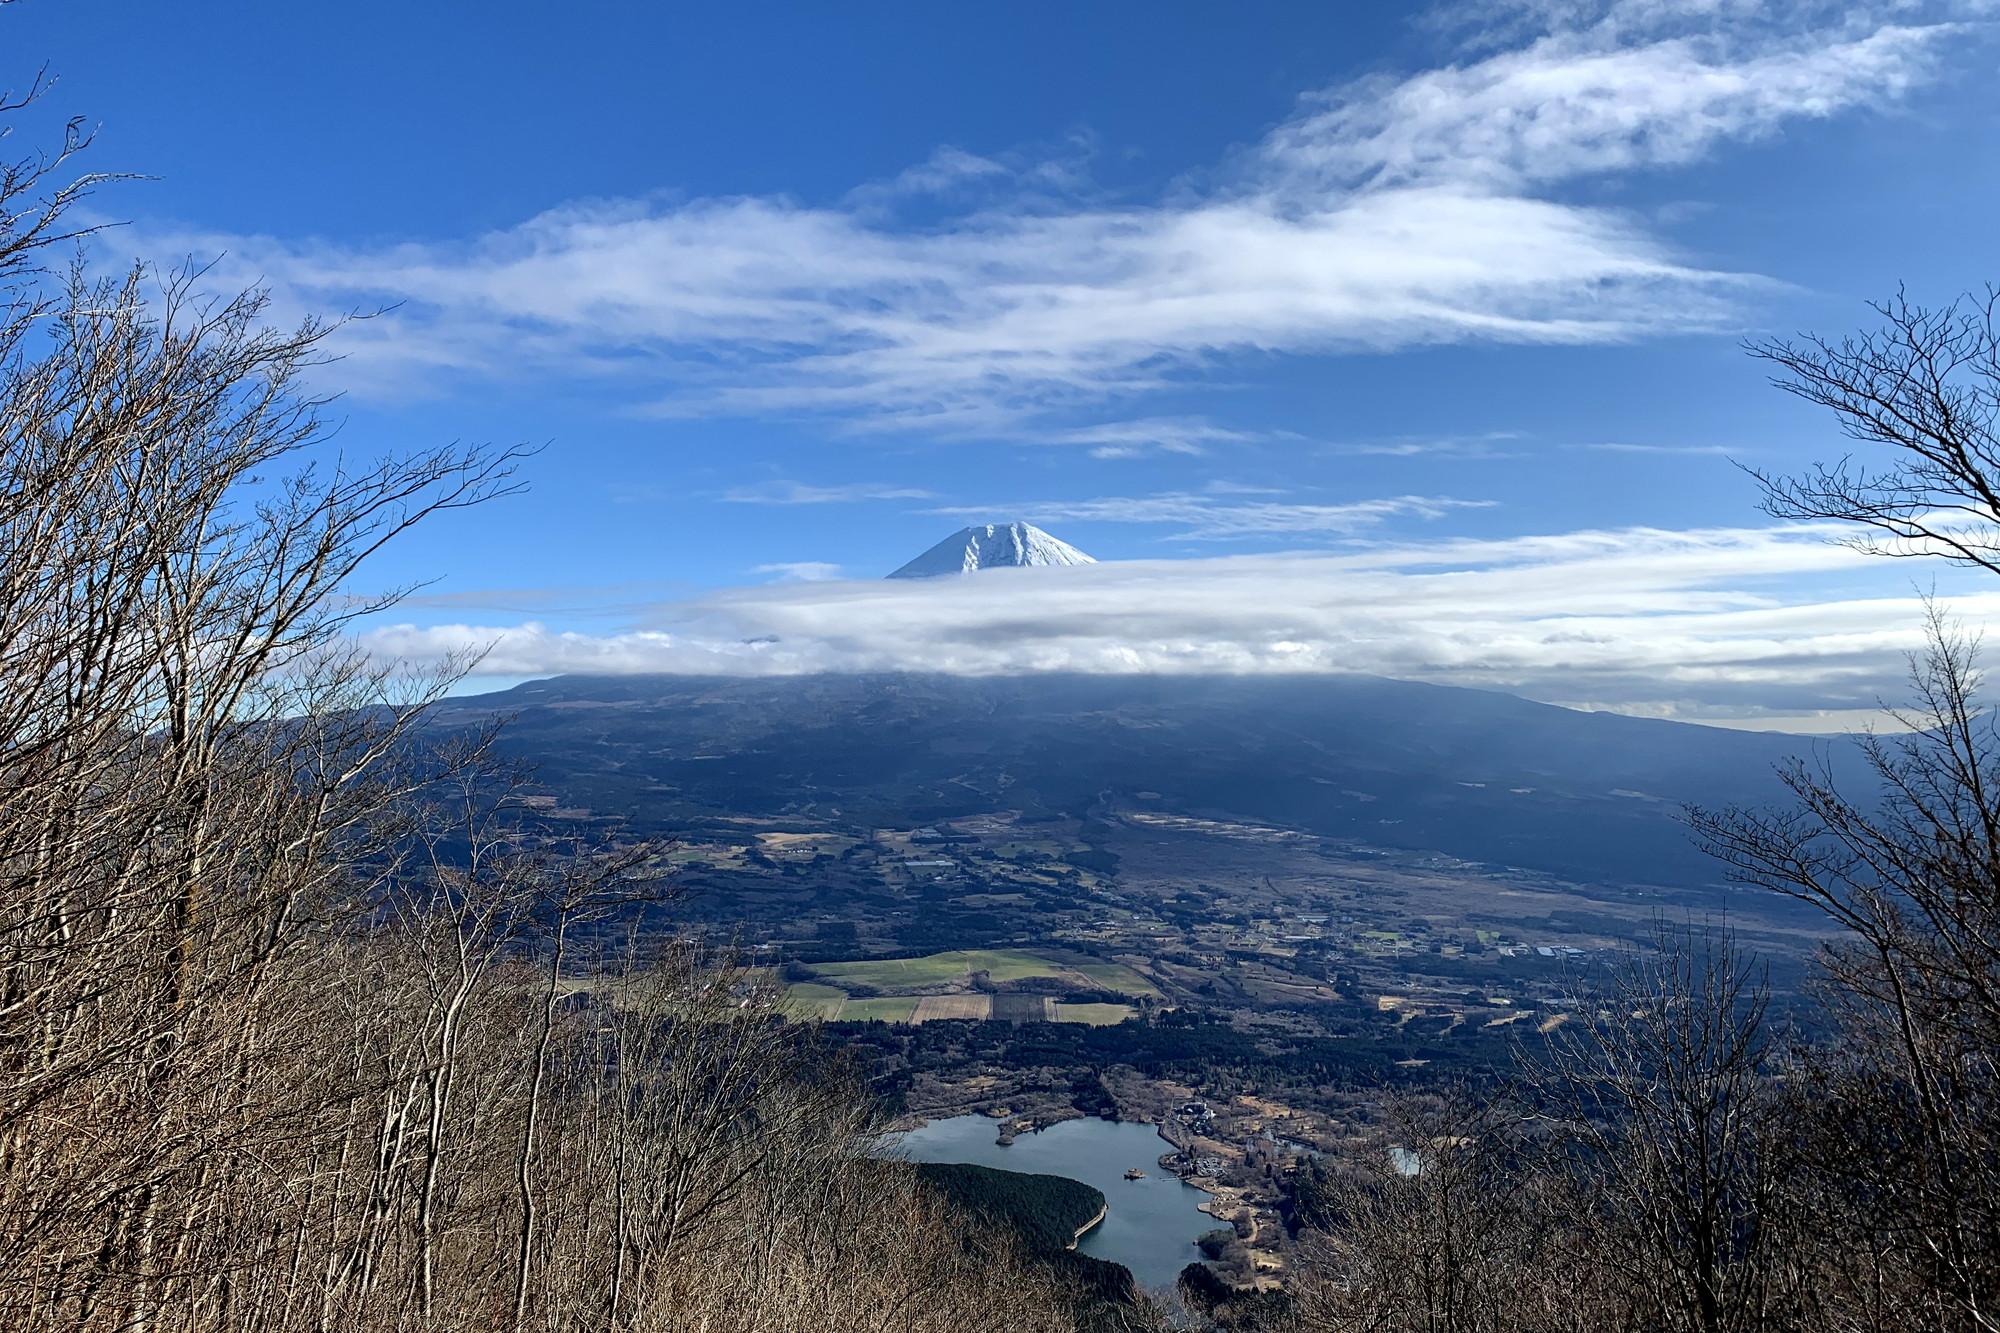 長者ヶ岳から見える田貫湖と富士山。絶景!